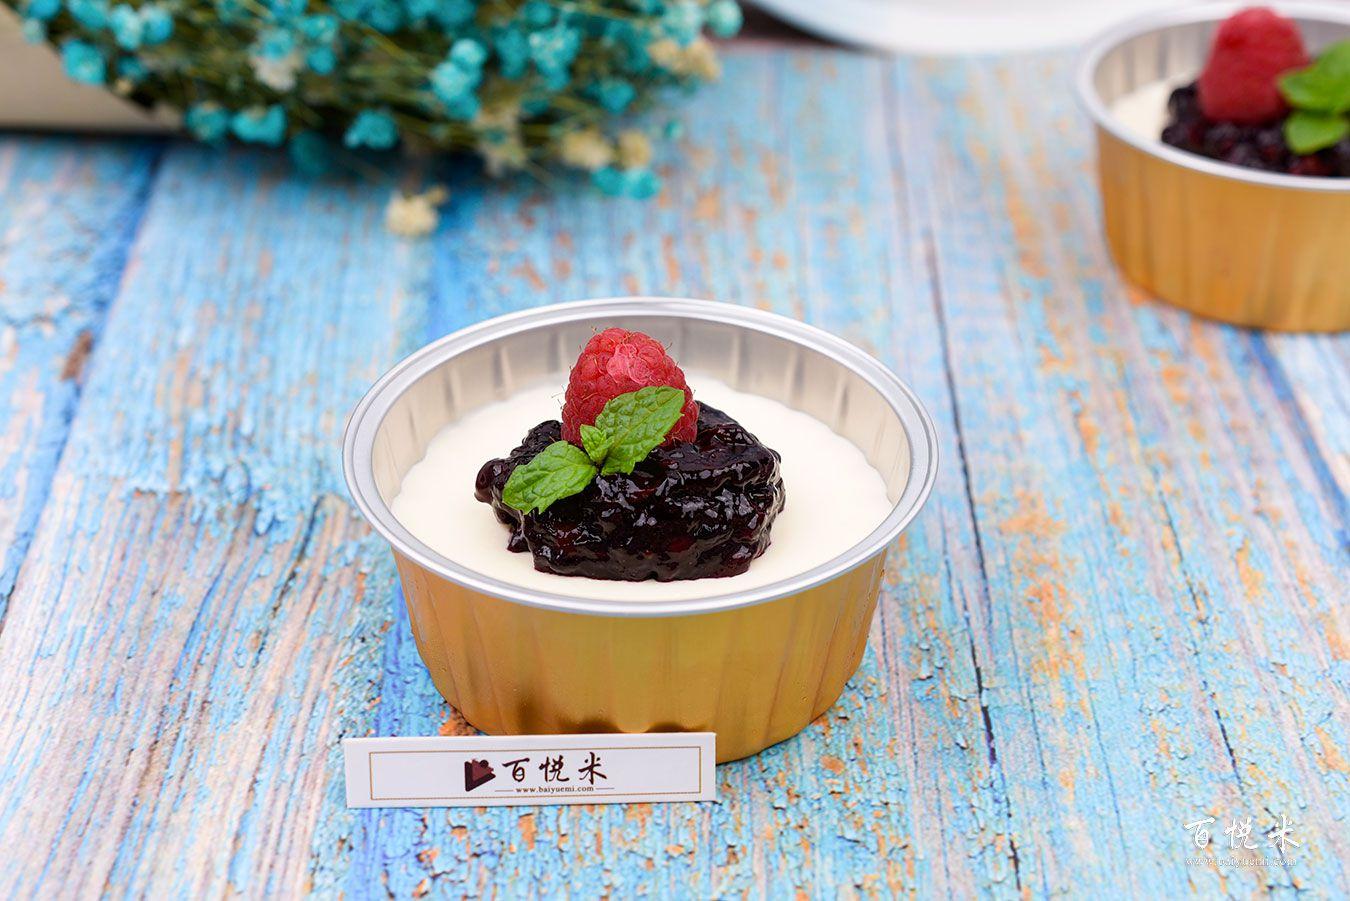 椰青乳酪杯高清图片大全【蛋糕图片】_485